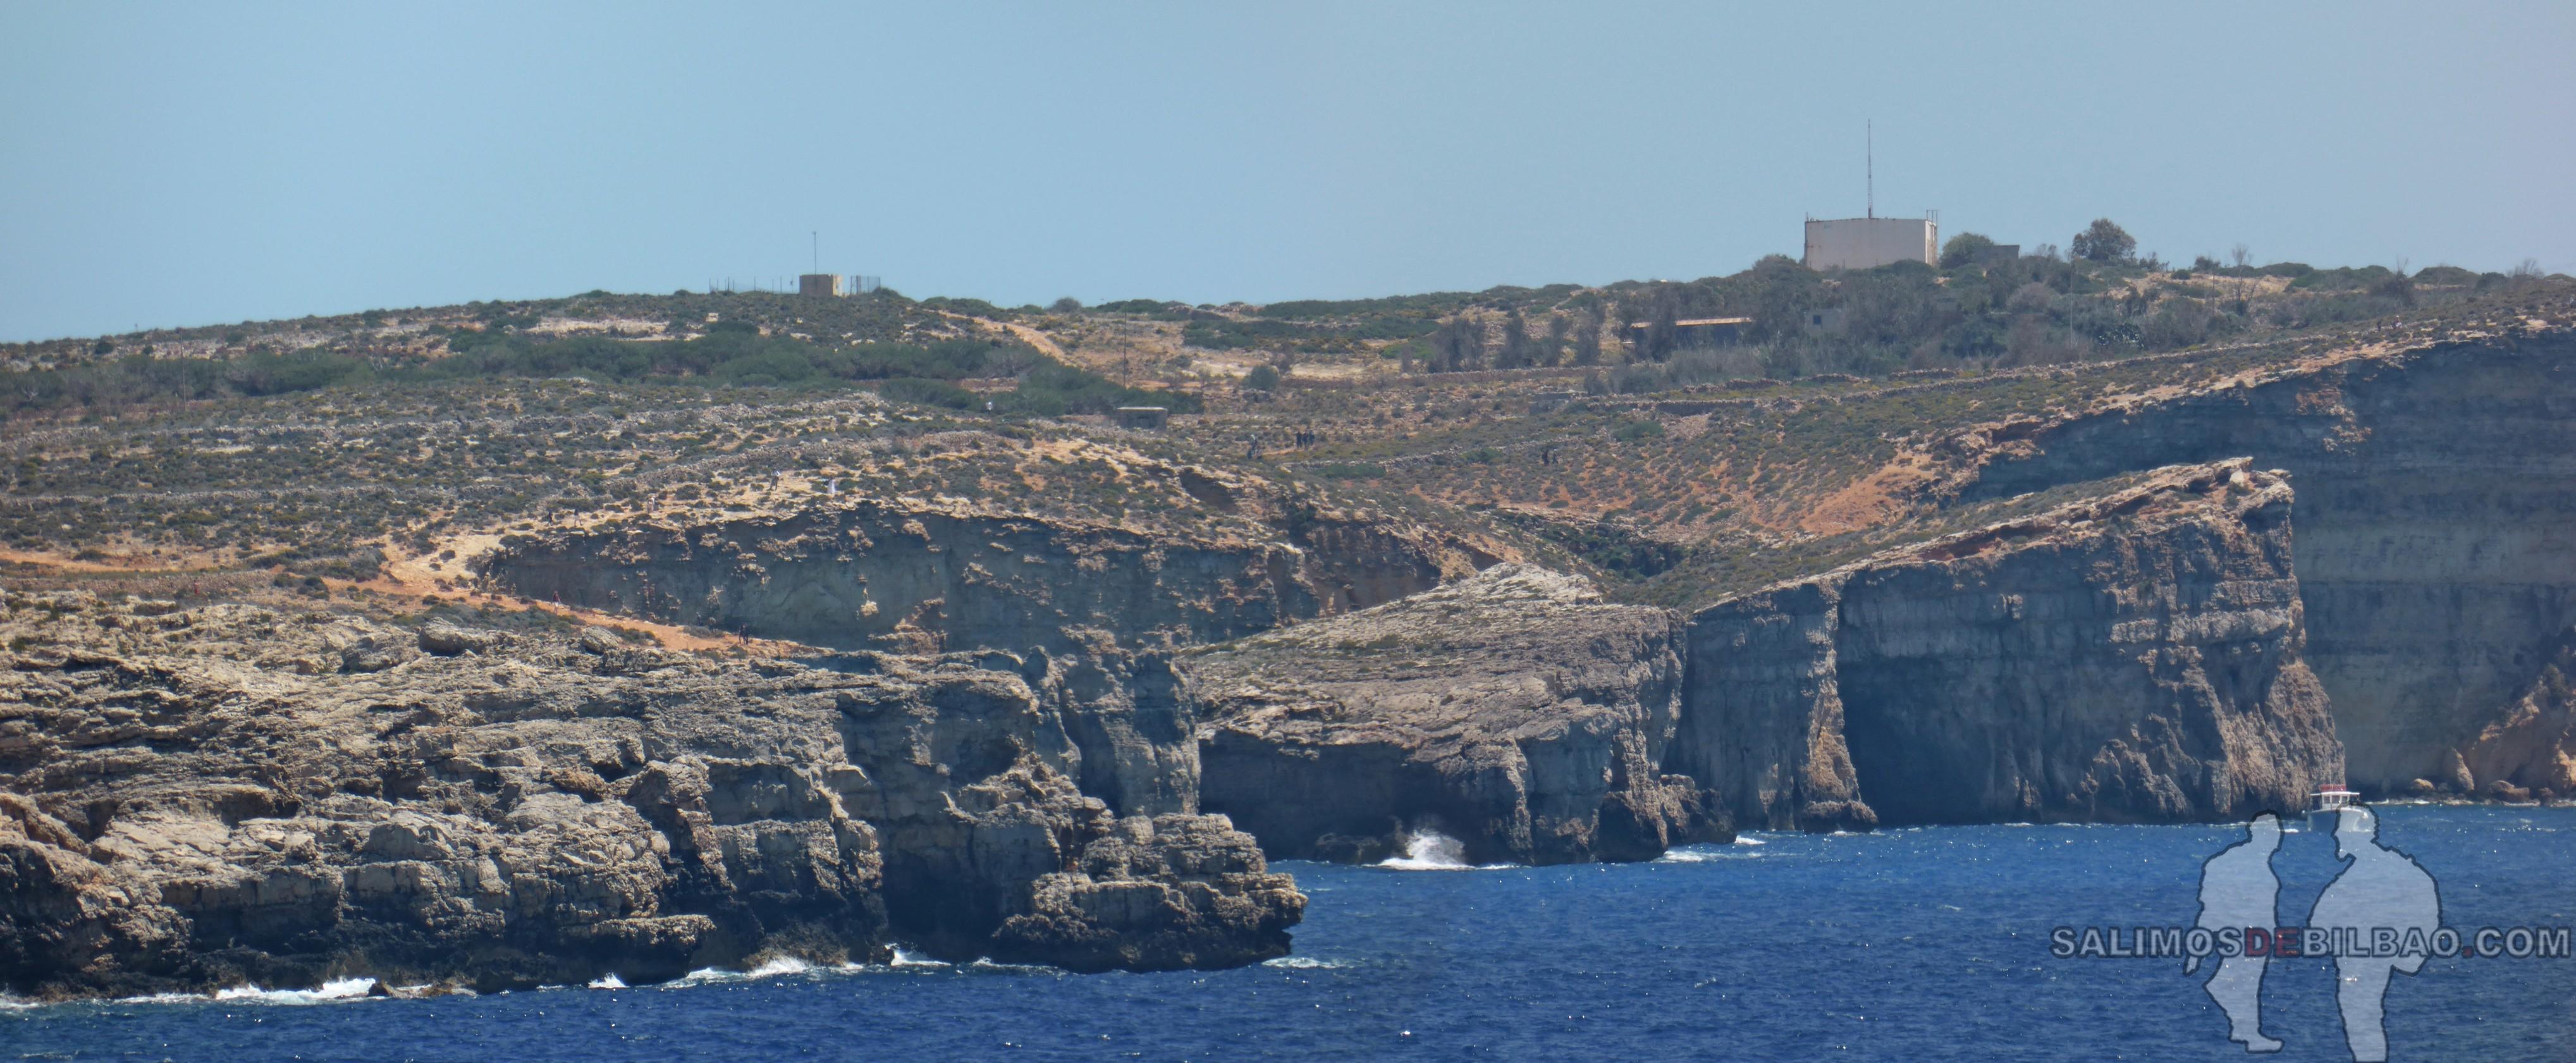 0610. Pano, Isla de Comino, Ferry de Gozo a Malta